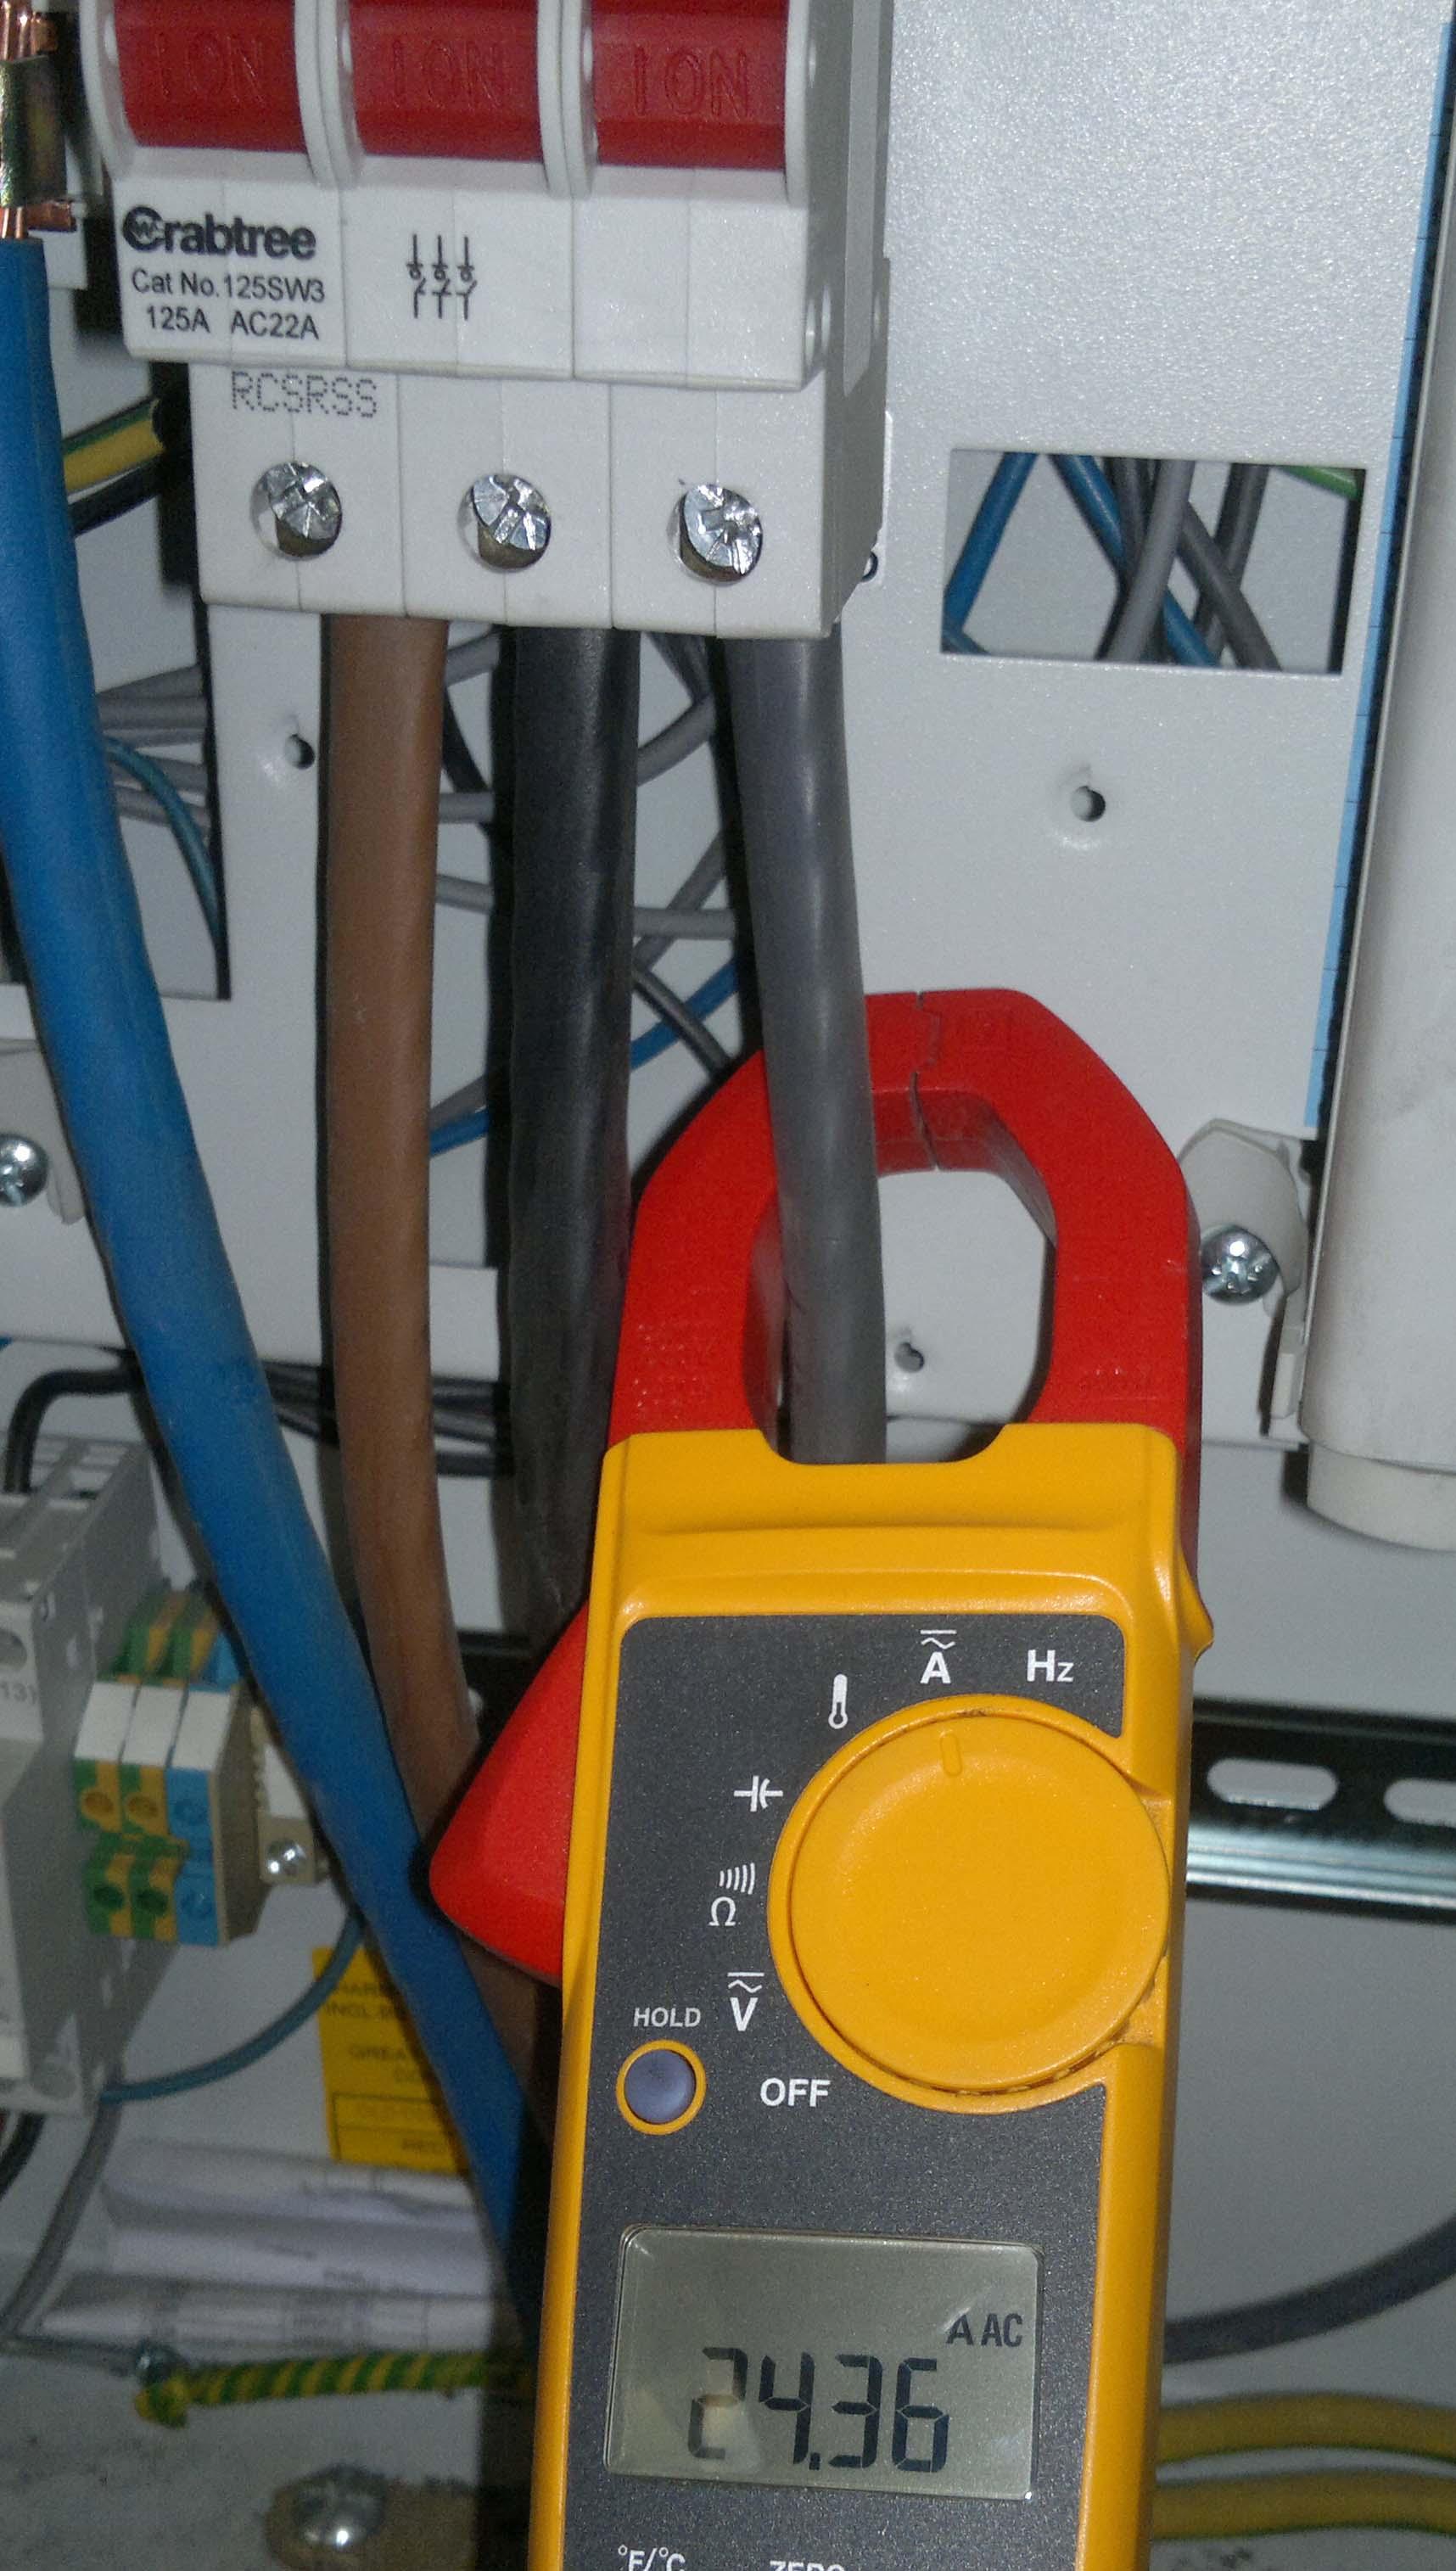 Dob�r bezpiecznik�w w instalacji - sp�r z klientem.